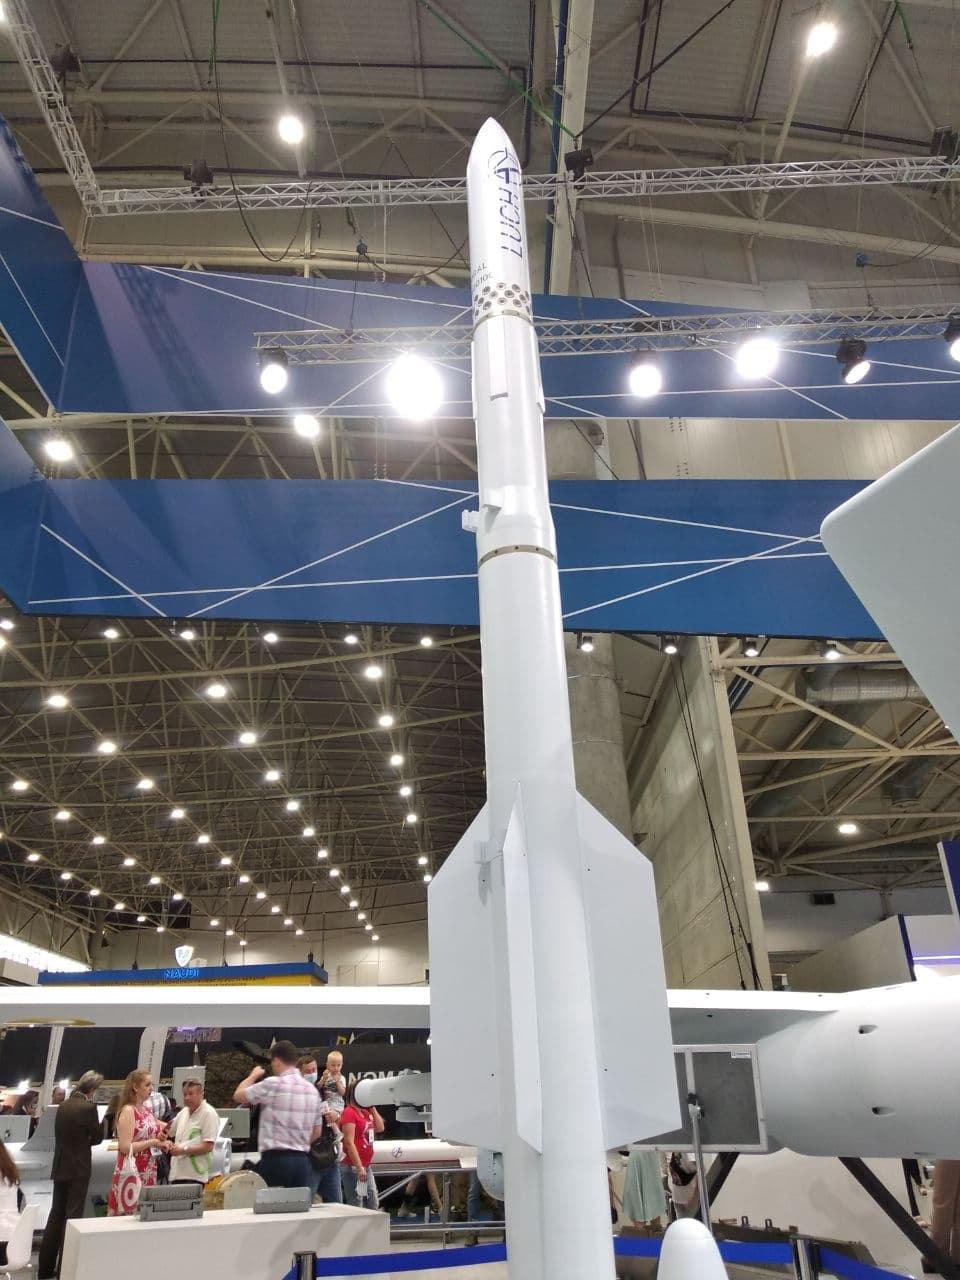 Українська уніфікована модульна ракета 'Корал' від ДККБ 'Луч' на виставці 'Зброя та Безпека-2021'